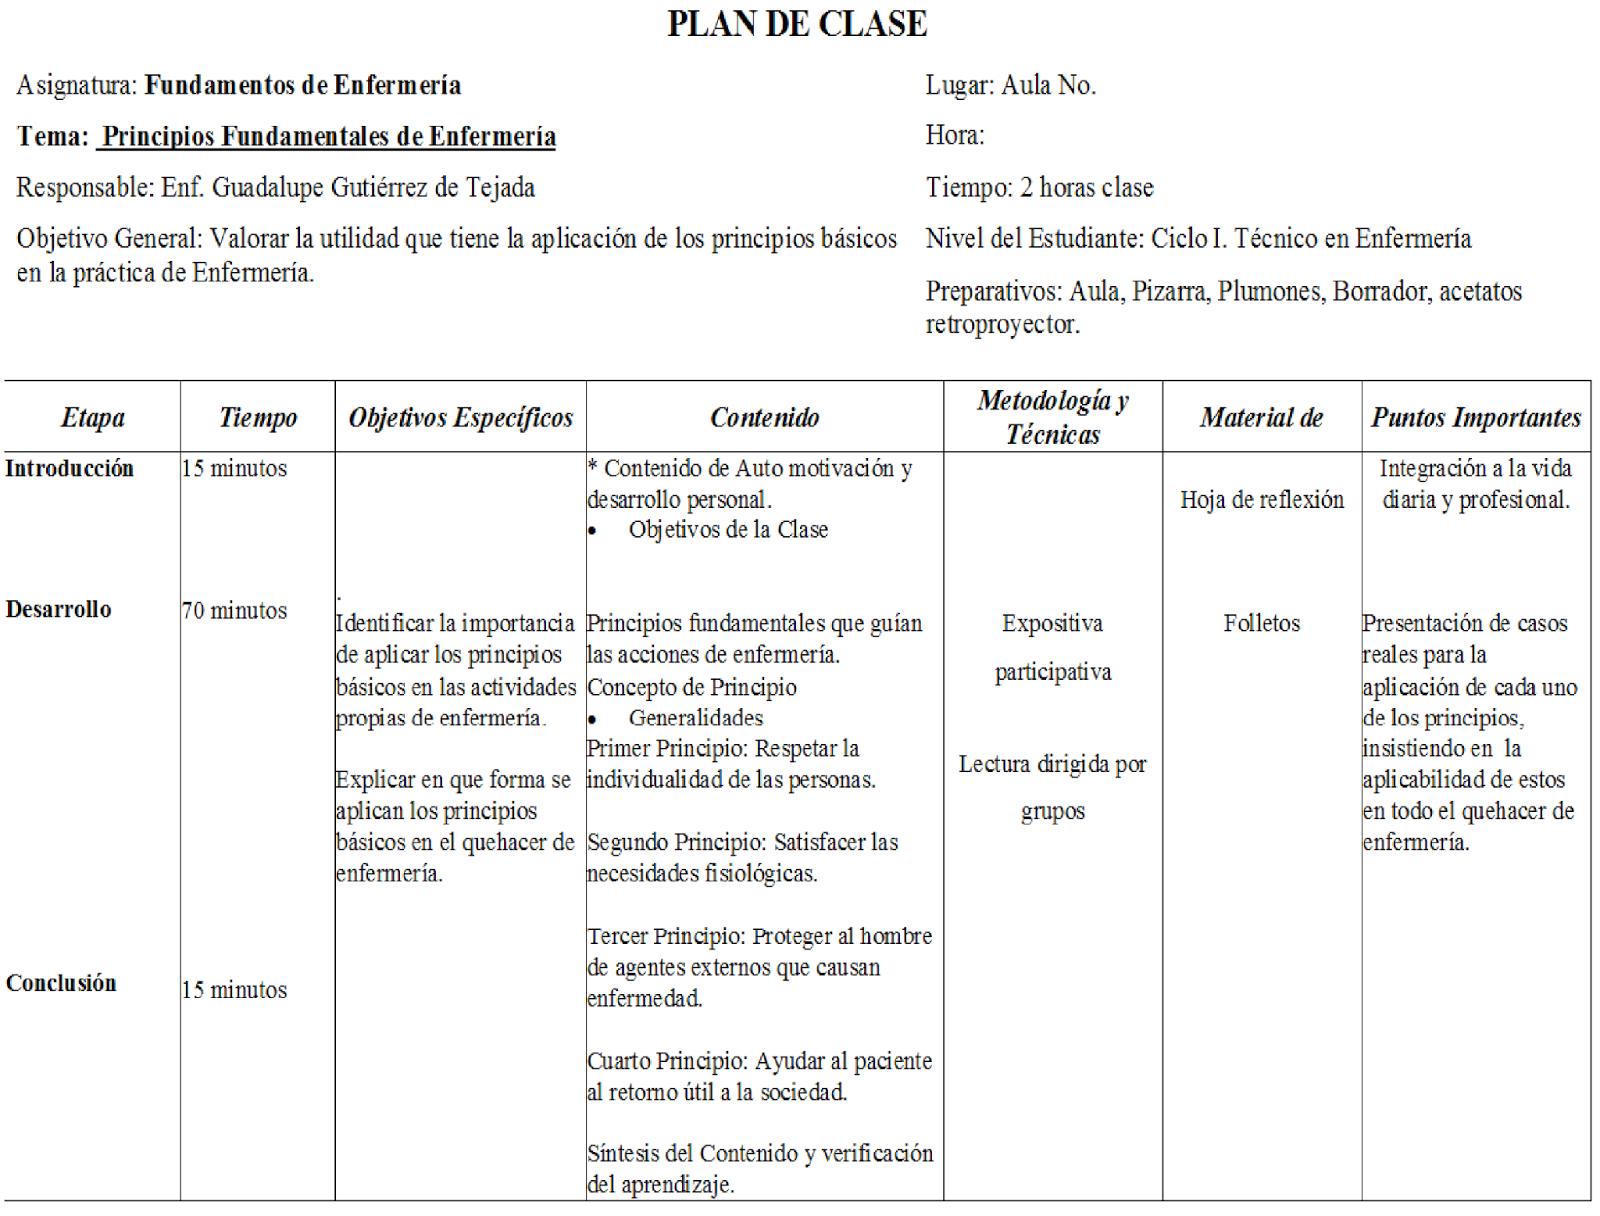 Baño De Regadera Fundamentos De Enfermeria:CLASES FUNDAMENTOS DE ENFERMERIA: Planes de Clase